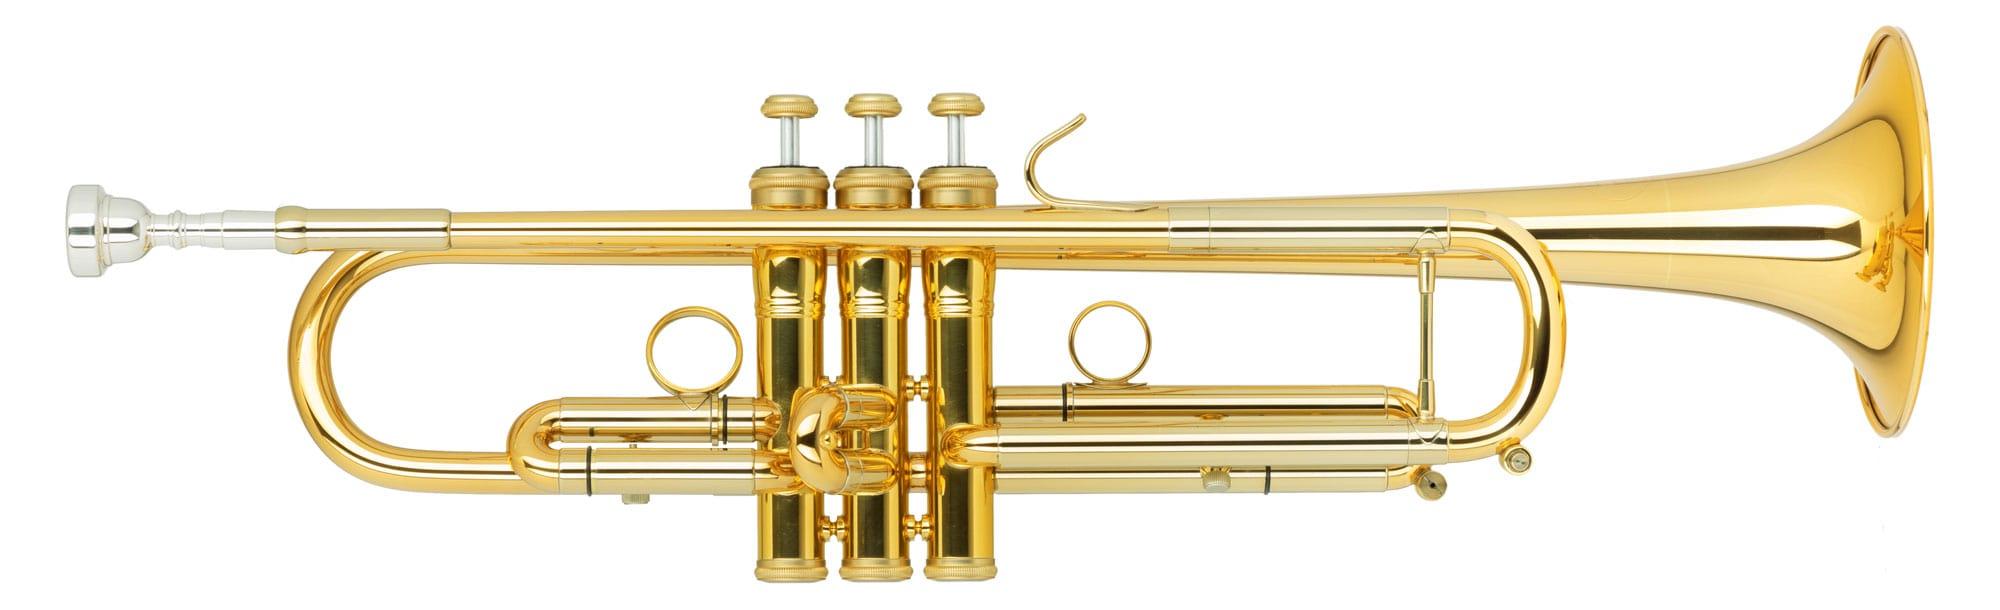 Trompeten - Kühnl Hoyer B Trompete Topline Messing - Onlineshop Musikhaus Kirstein